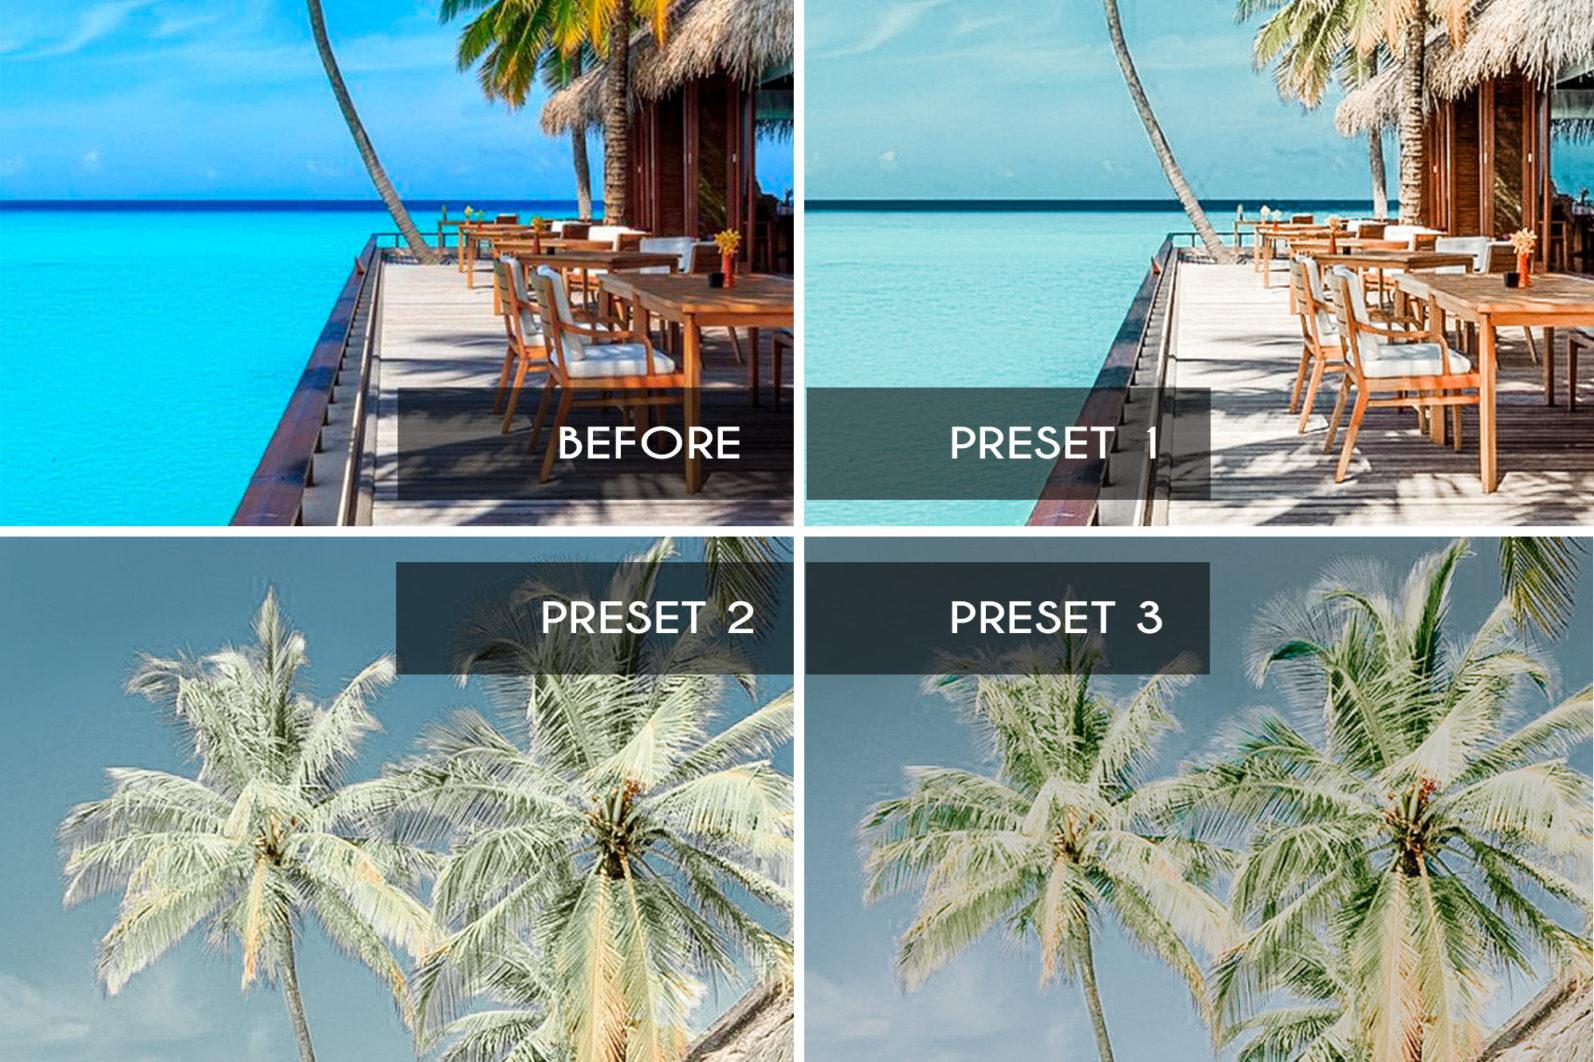 7 Mobile & Desktop Lightroom Presets BAHAMAS - bahamas mobile lightroom presets page4 scaled -